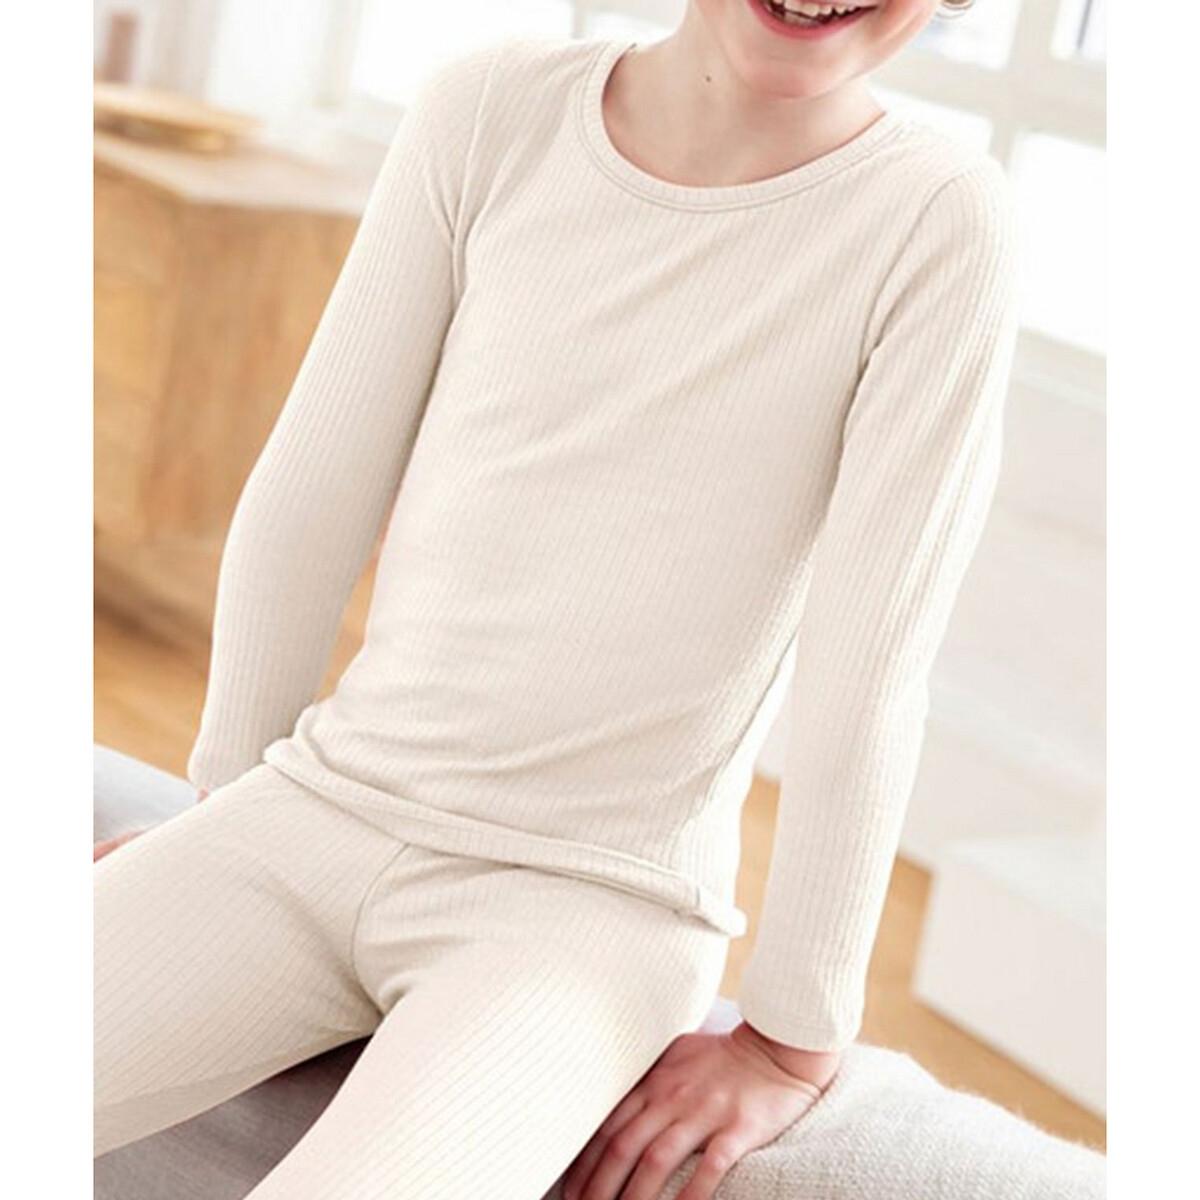 Фото - Футболка LaRedoute С длинными рукавами Thermolacty 2-14 лет 8 лет - 126 см белый рубашка laredoute джинсовая 3 12 лет 8 лет 126 см синий